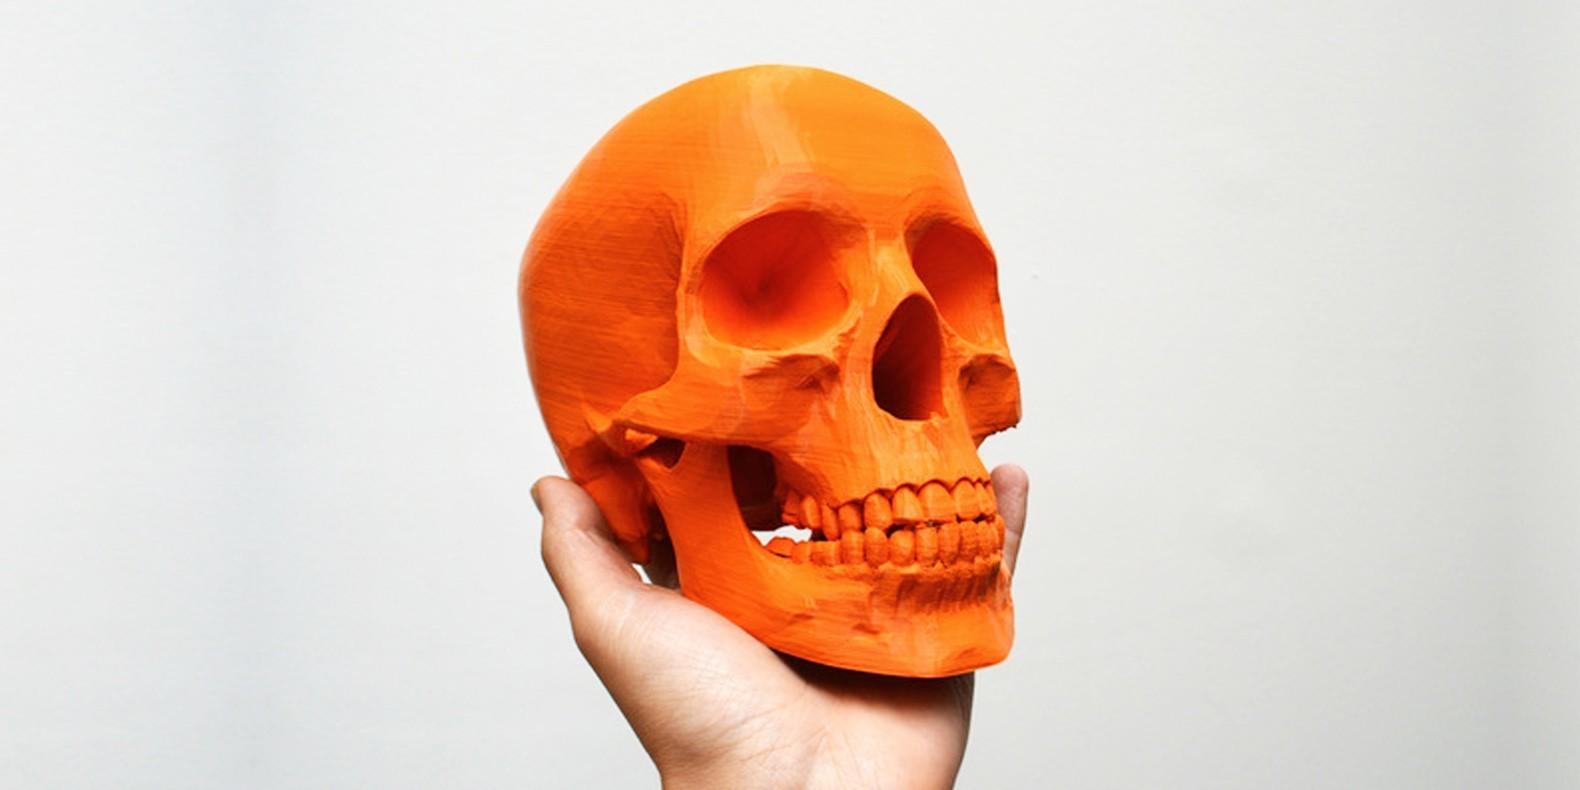 Découvrez dans cette sélection de modèles 3D, tous les meilleurs fichiers STL de crânes.